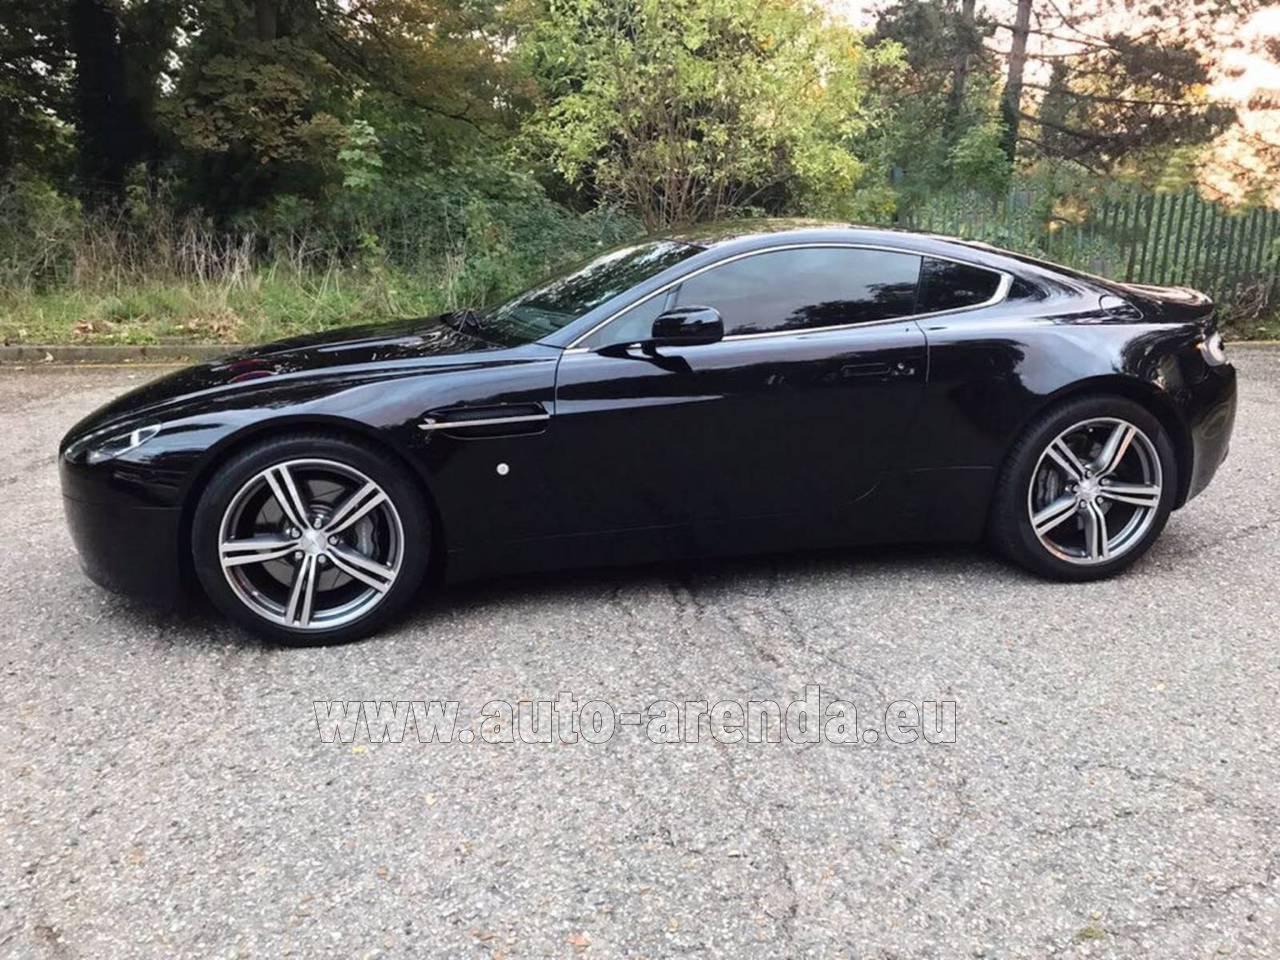 Rent The Aston Martin Vantage 4 7 436 Cv Car In Essen